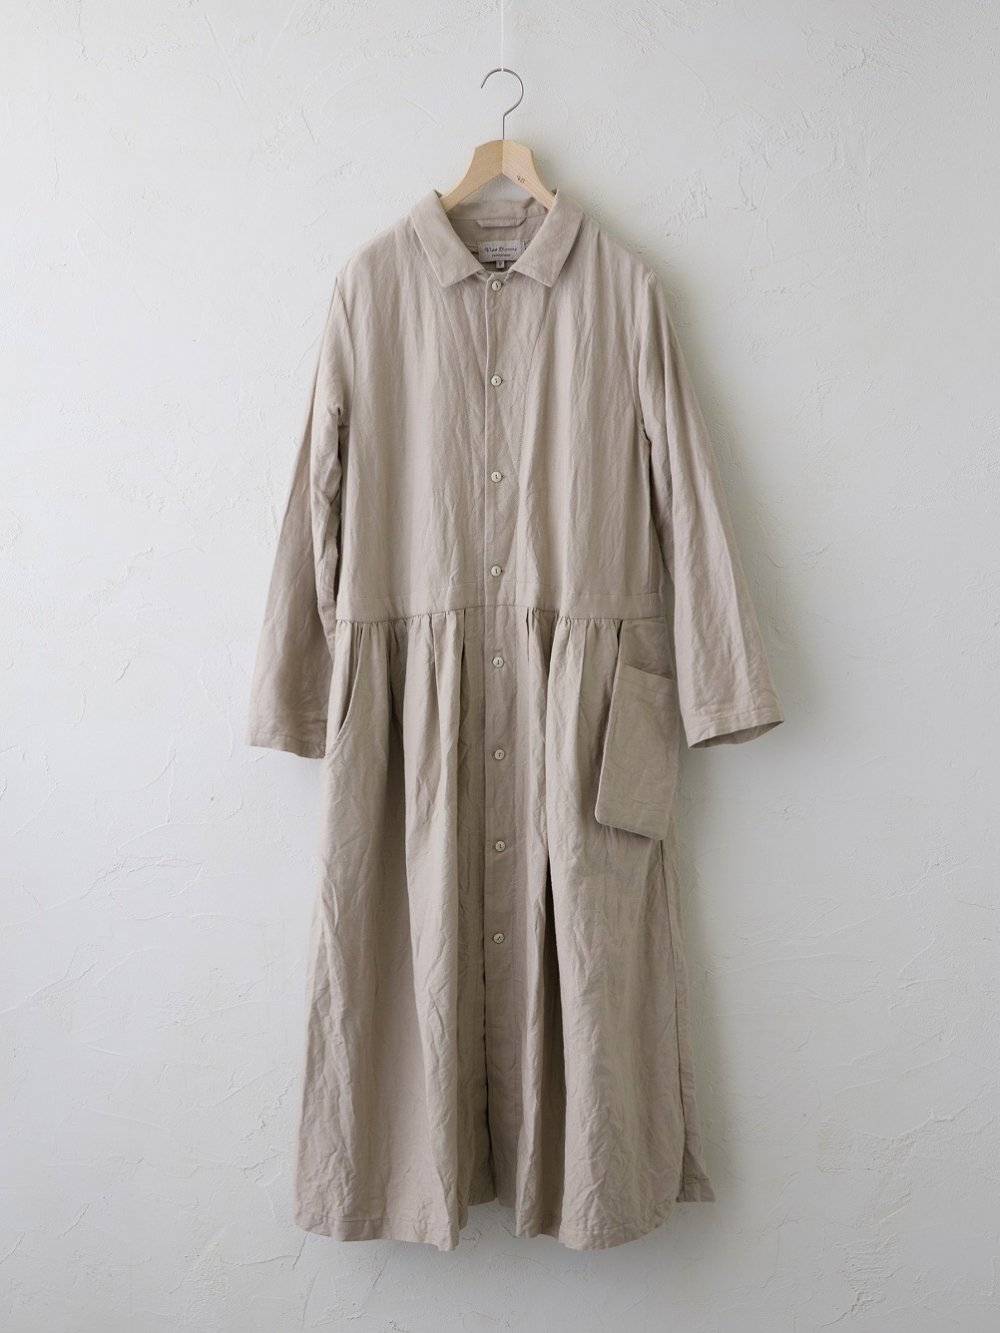 Cotton Linen ラチネ ダブルポケットコートワンピース